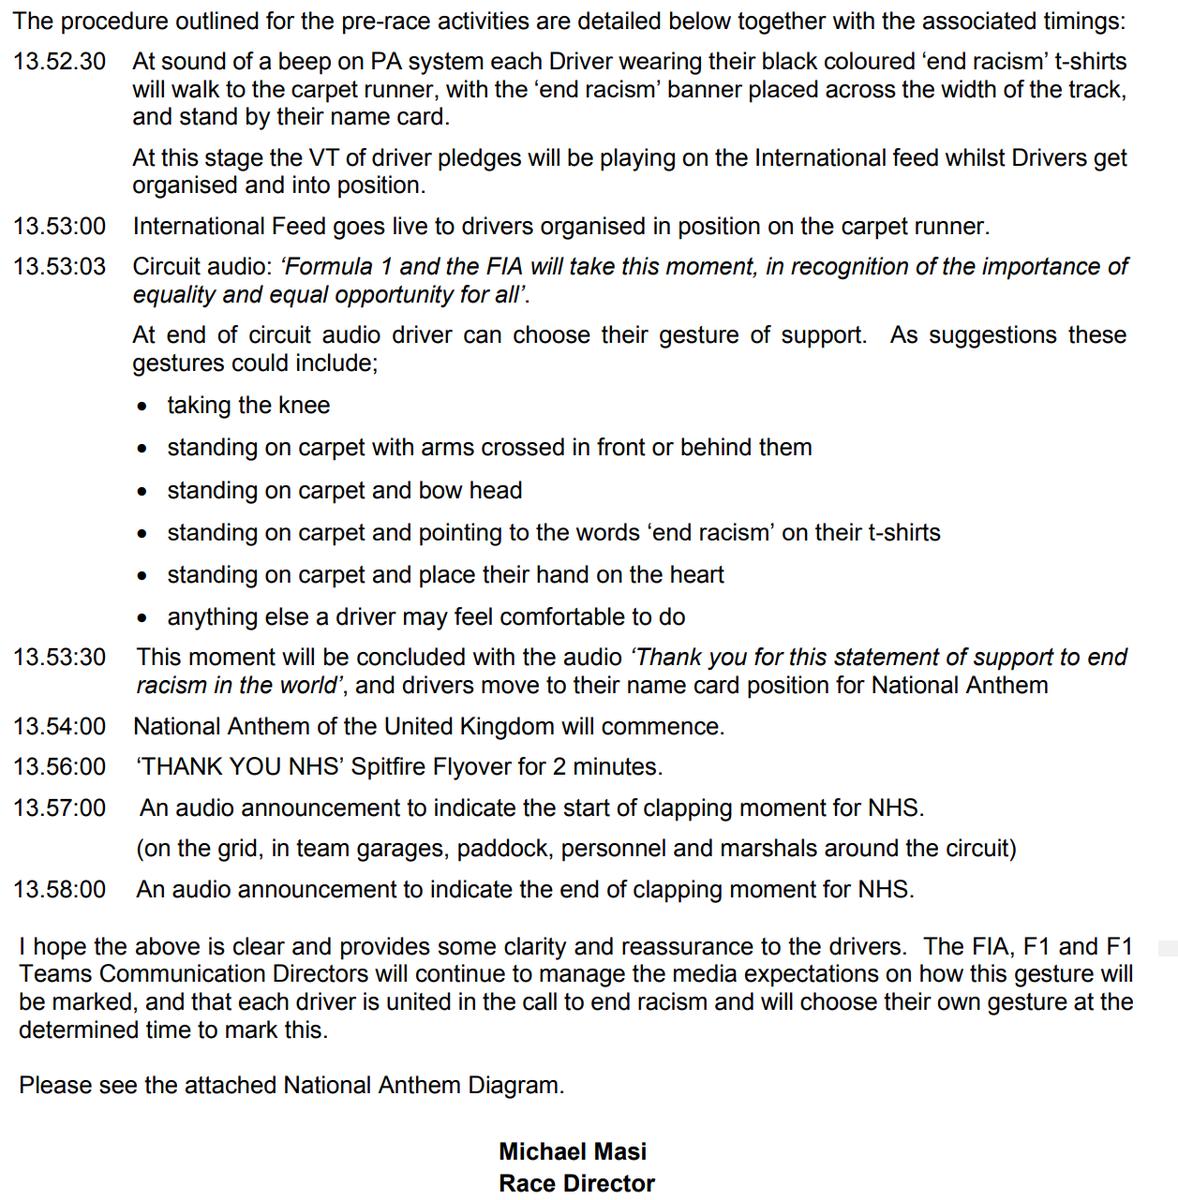 Habrá novedades en la ceremonia del himno del #BritishGP  El director de la FIA le envío a los pilotos las instrucciones y el itinerario para la ceremonia del himno, con las opciones que tienen de manifestarse contra el racismo y un minuto de aplausos para los servicios de Salud. https://t.co/H7o0SjM4qZ